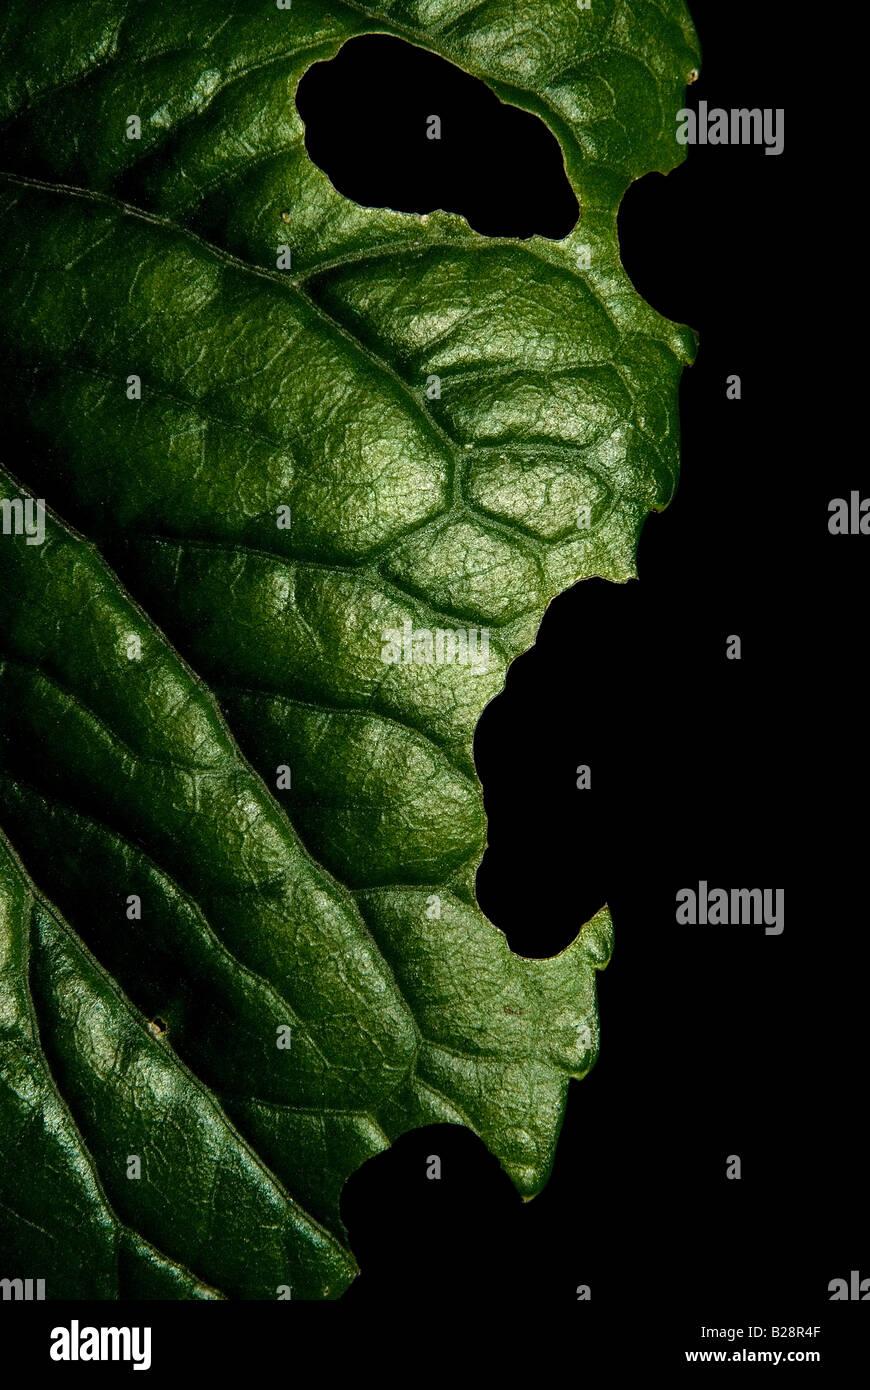 Grünes Blatt mit menschlichem Ausdruck von Wut Stockfoto